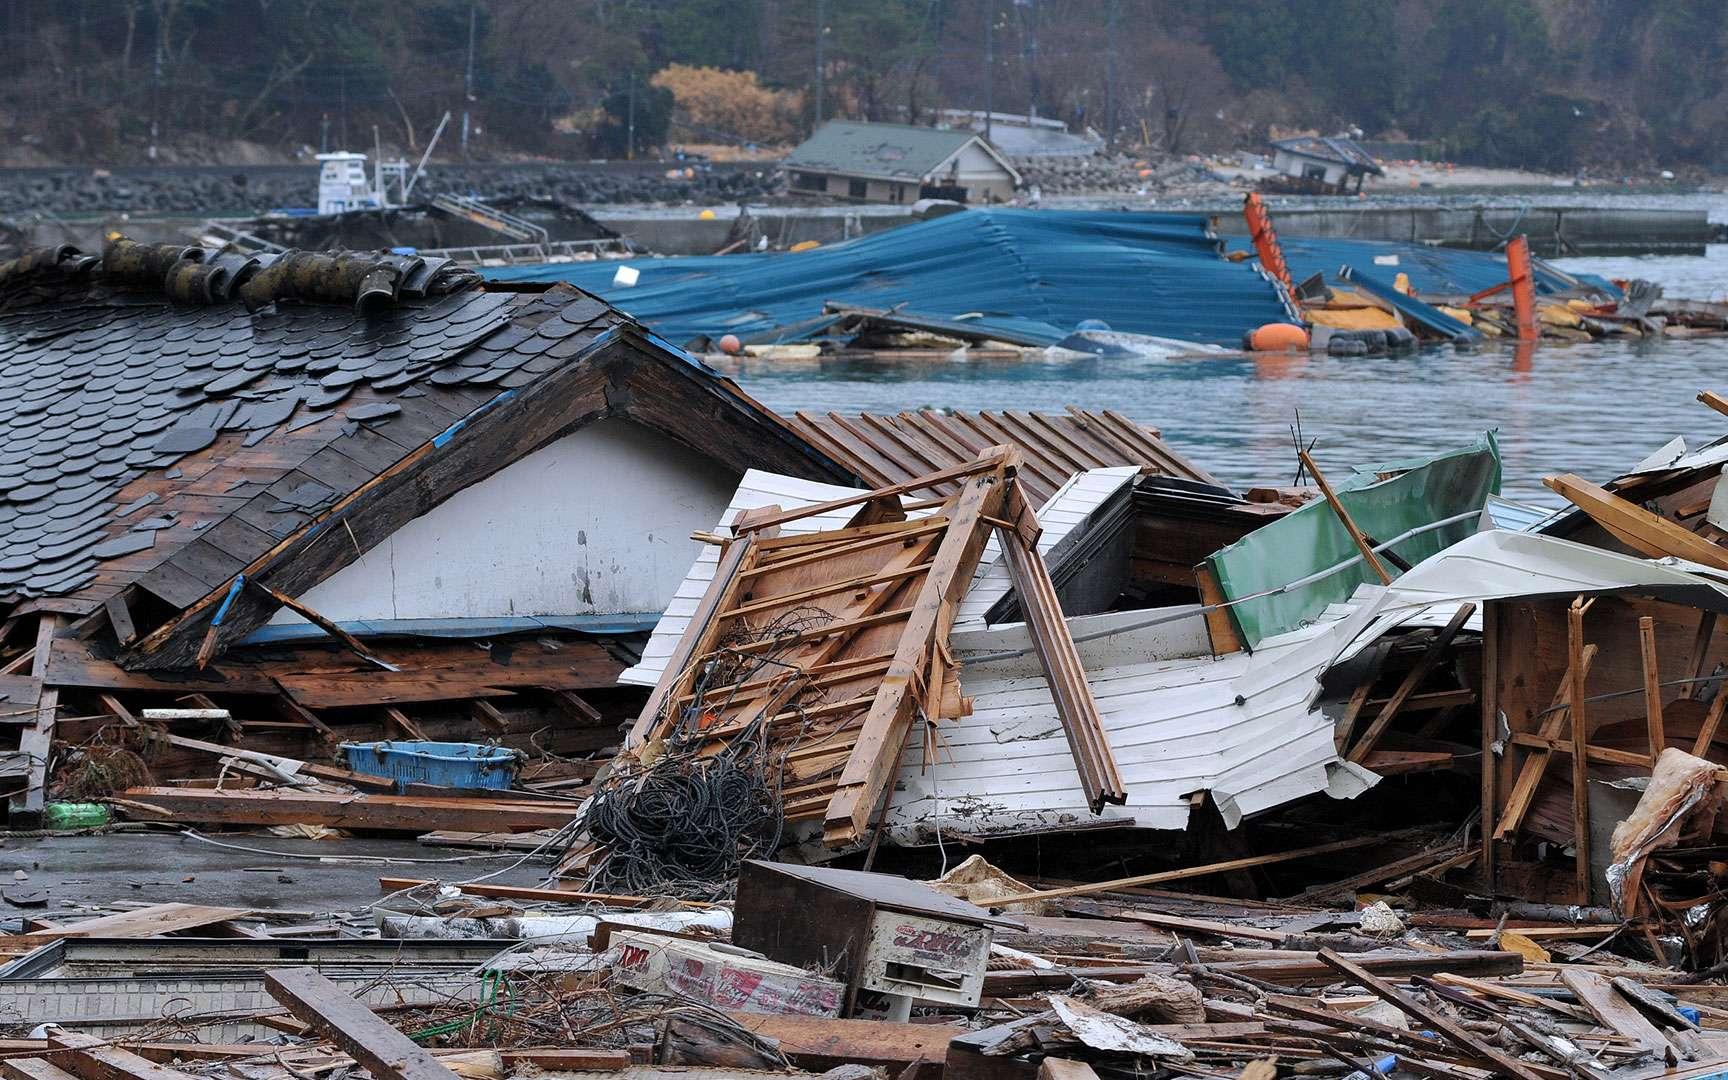 Srilanka - Kalutara : après le Tsunami. Image satellite après le Tsunami (c) DigitalGlobe